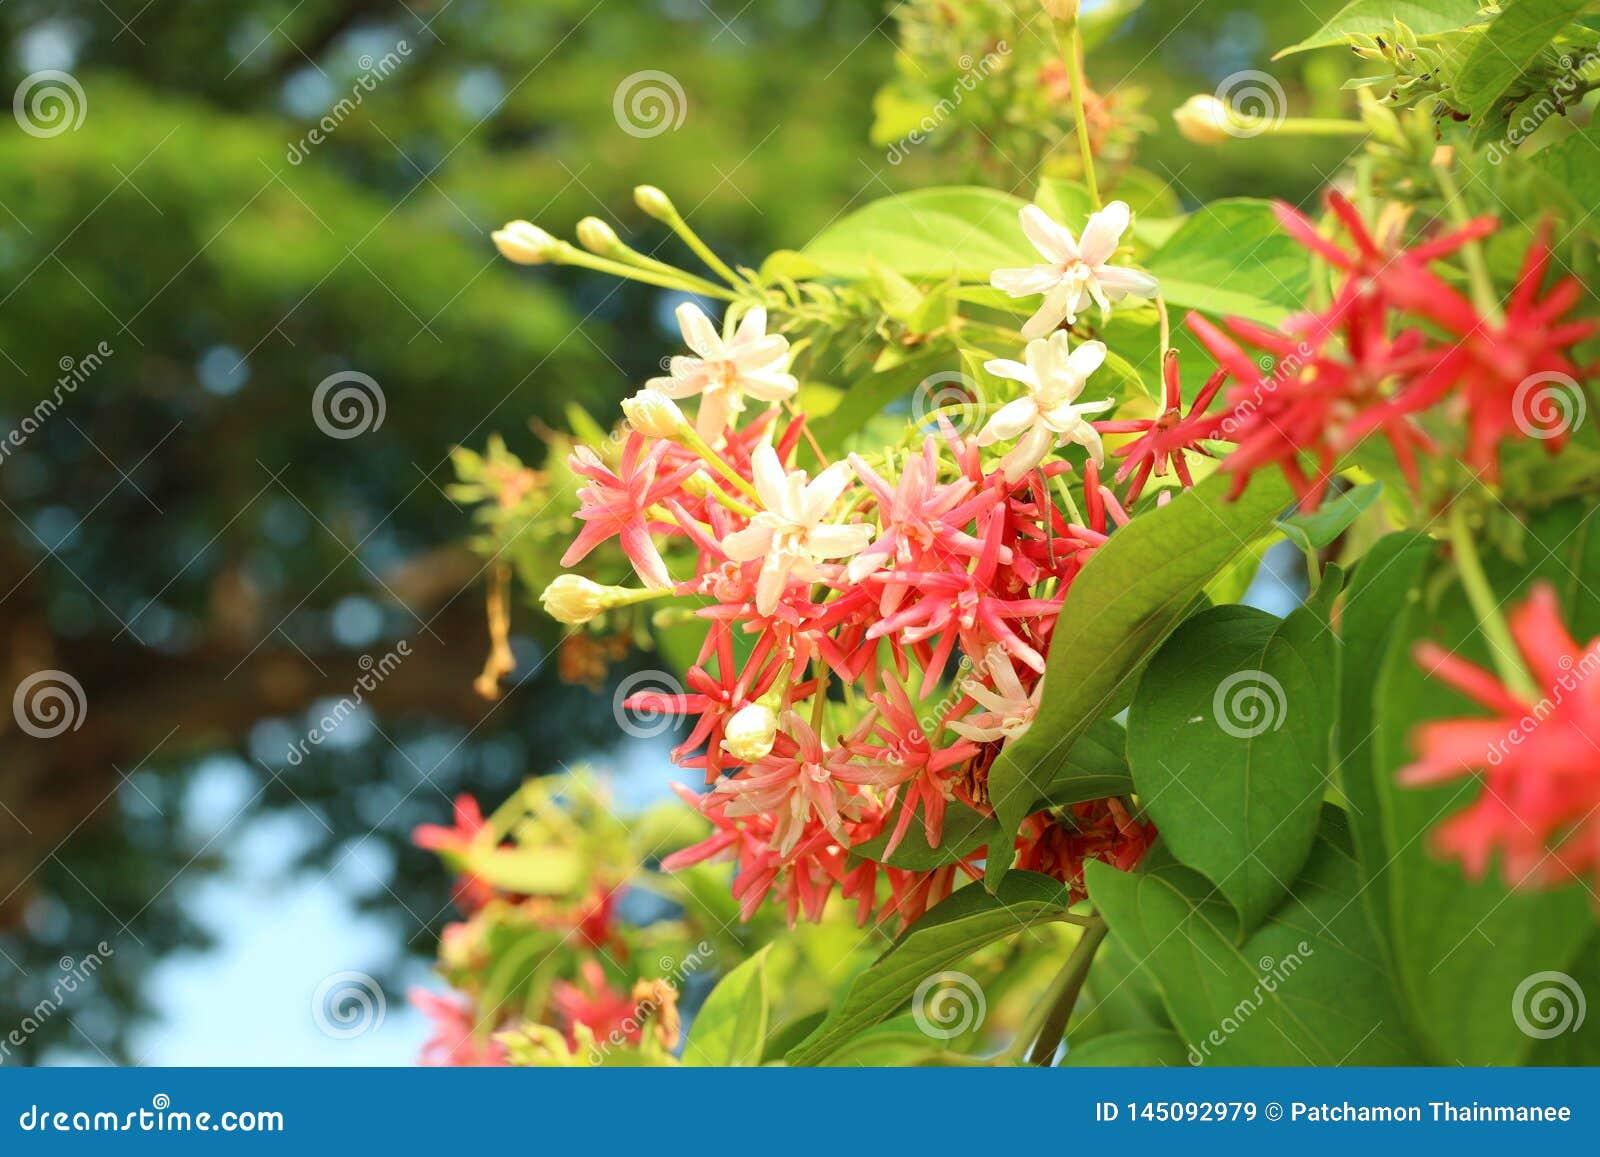 Hat schöner rosa Naturhintergrund der Rangun-Blumenkriechpflanze einen milden Duft